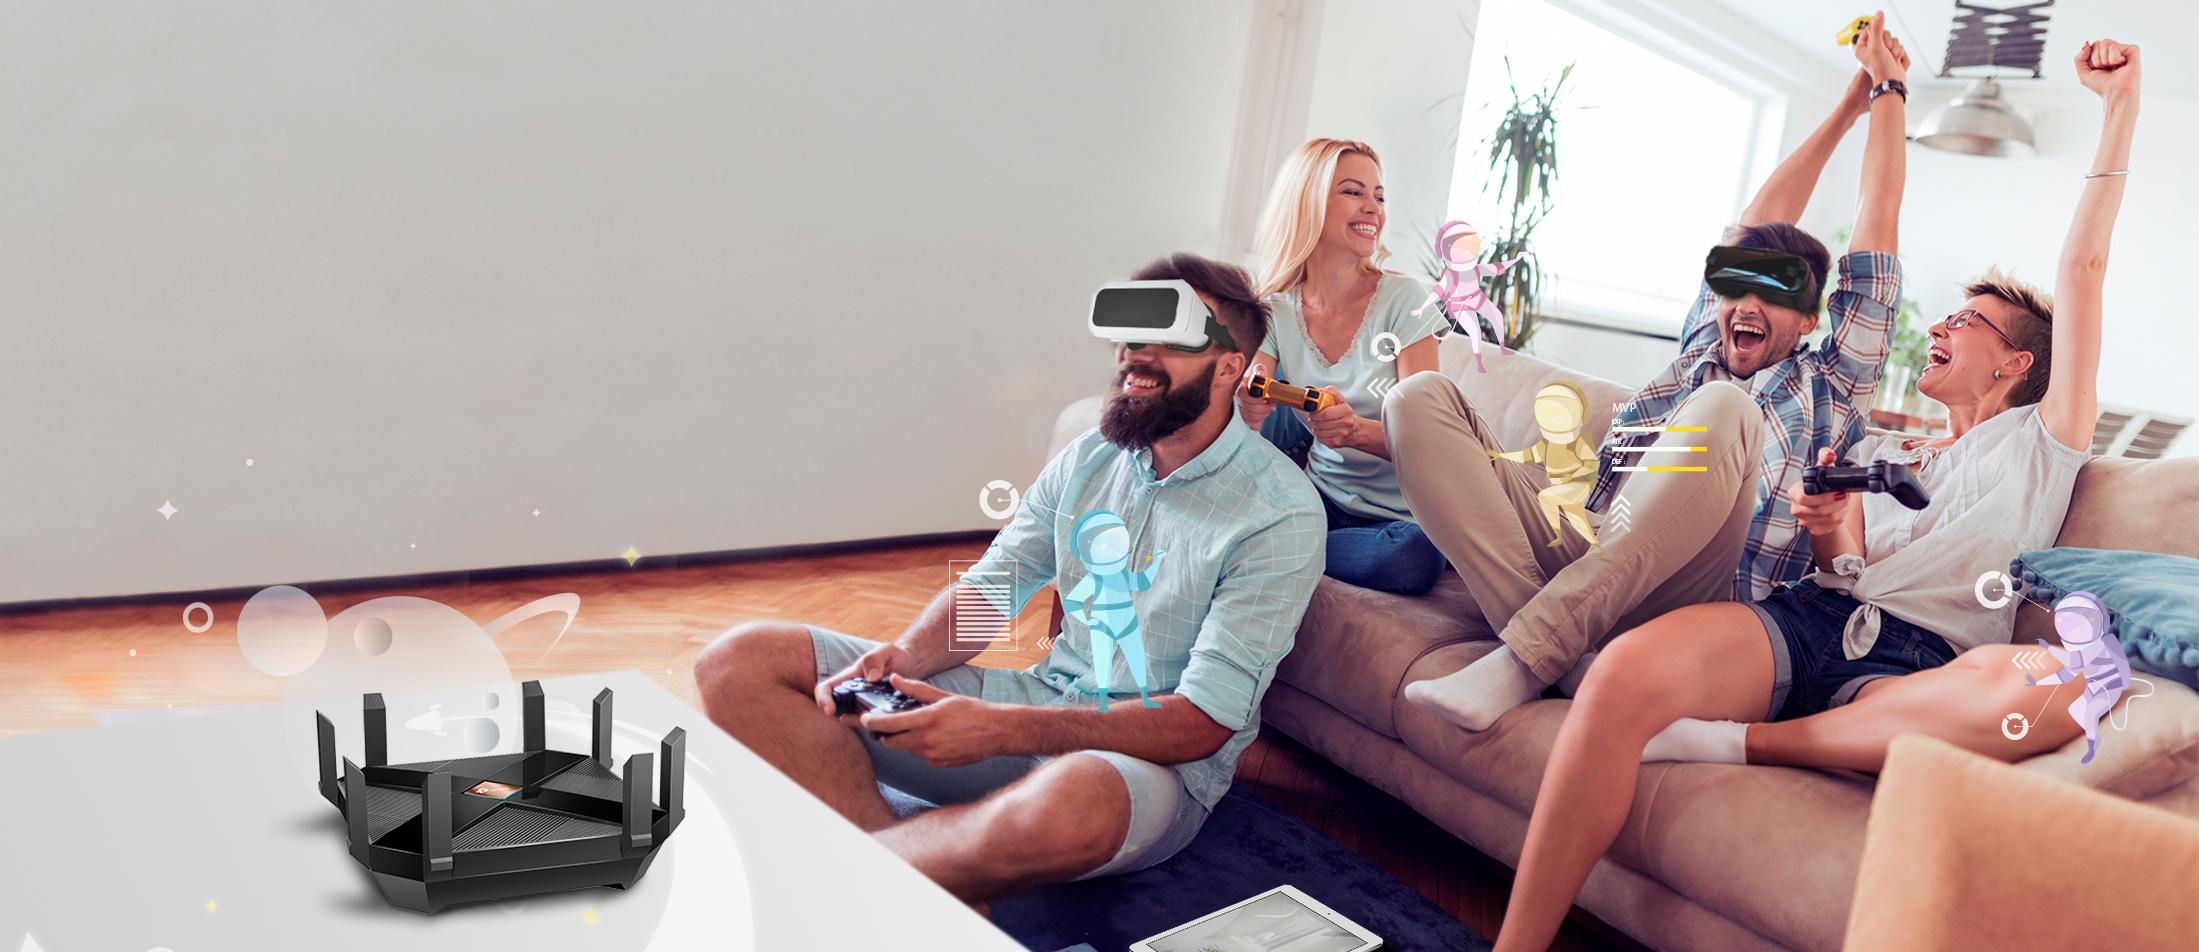 ¿Por qué tenemos mala conexión Wi-Fi en casa?